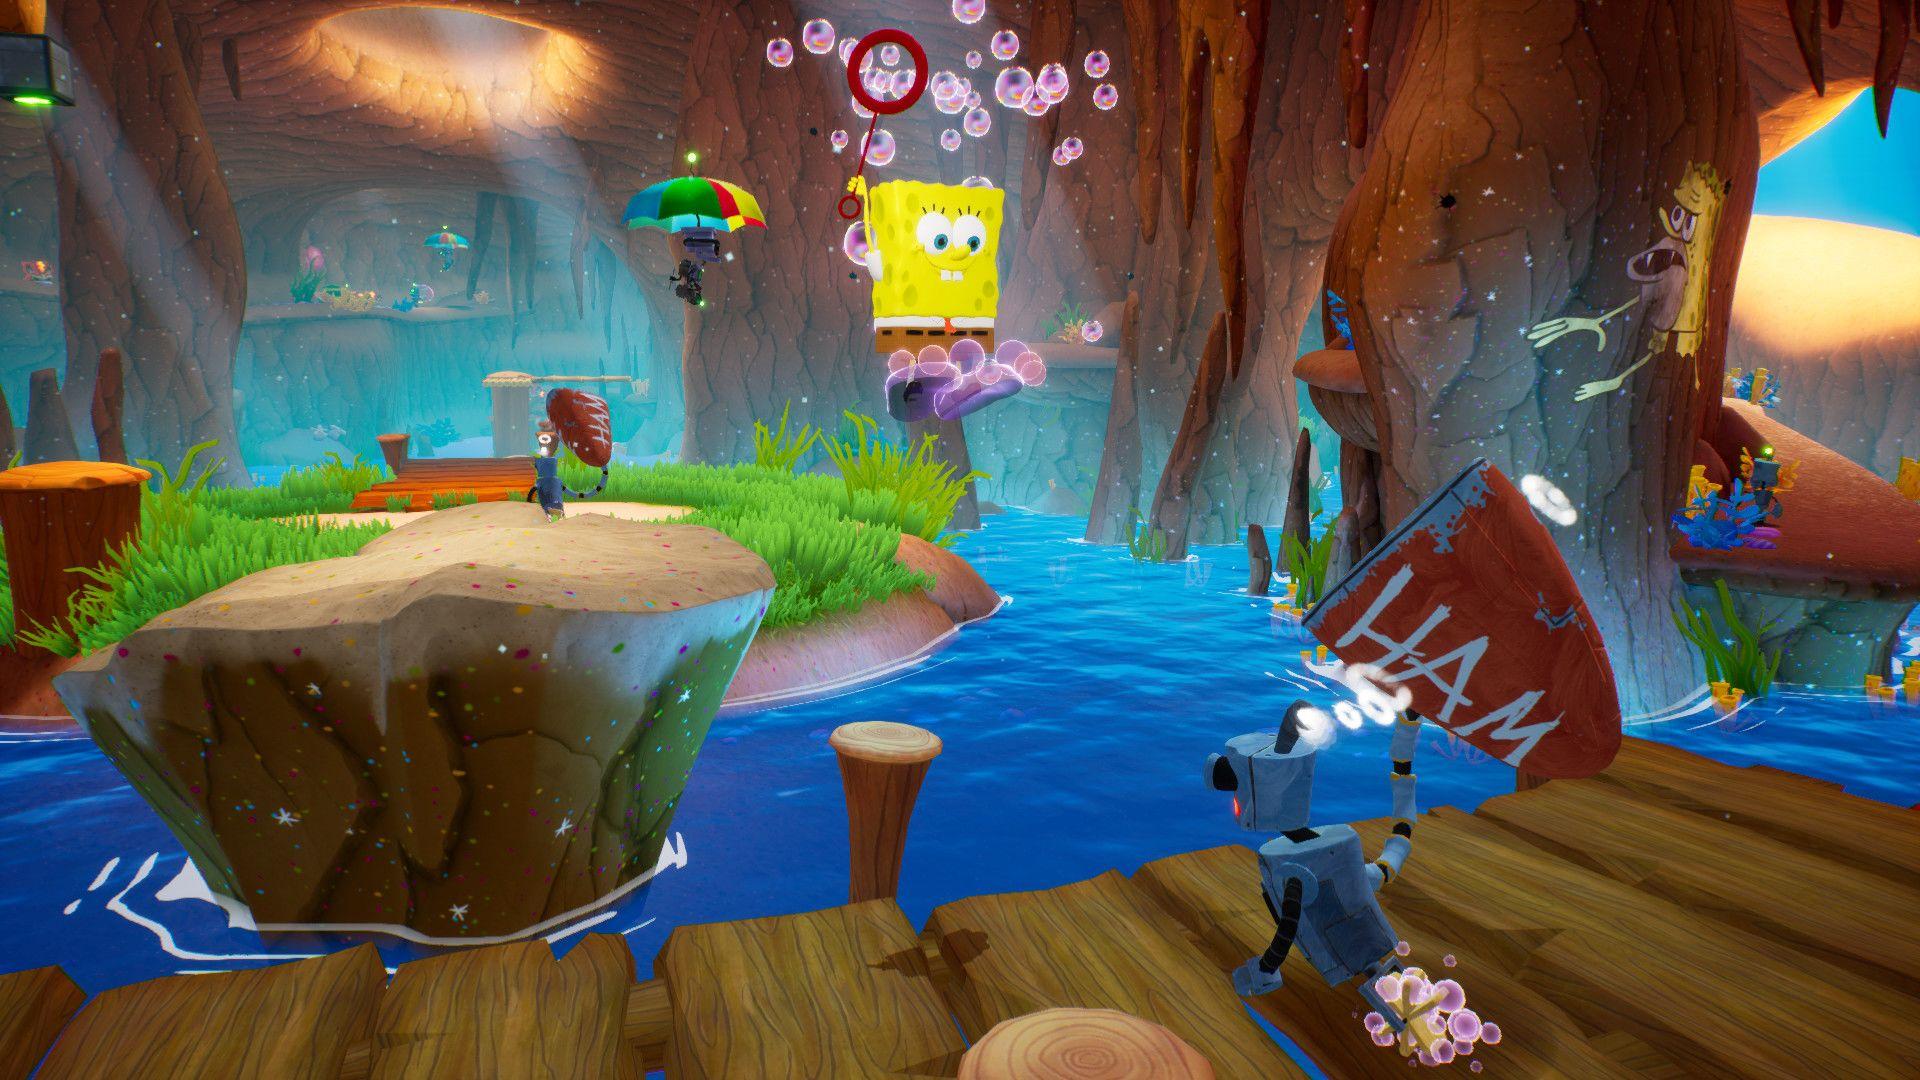 لعبة spongebob squarepants battle for bikini bottom pc